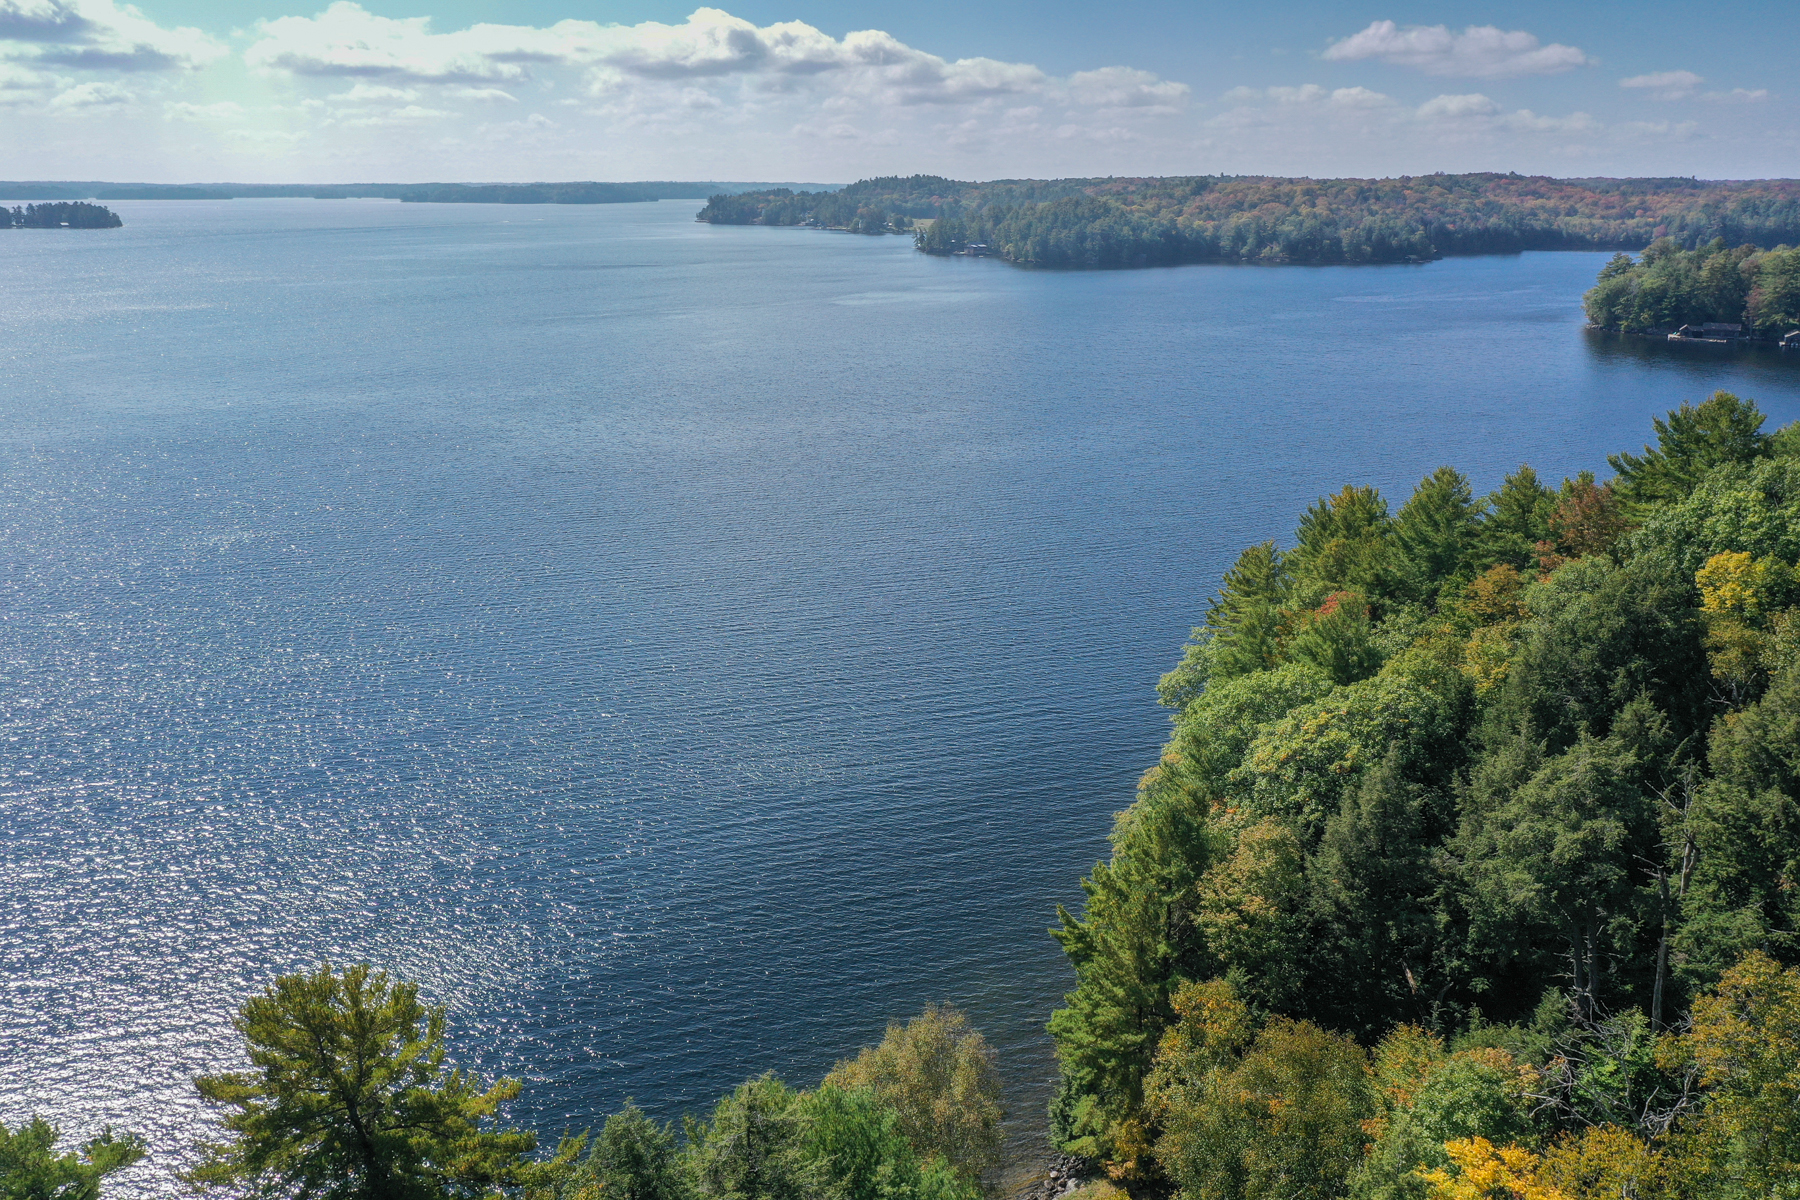 Lake Rosseau - The last of the Greatest Island Landbanks